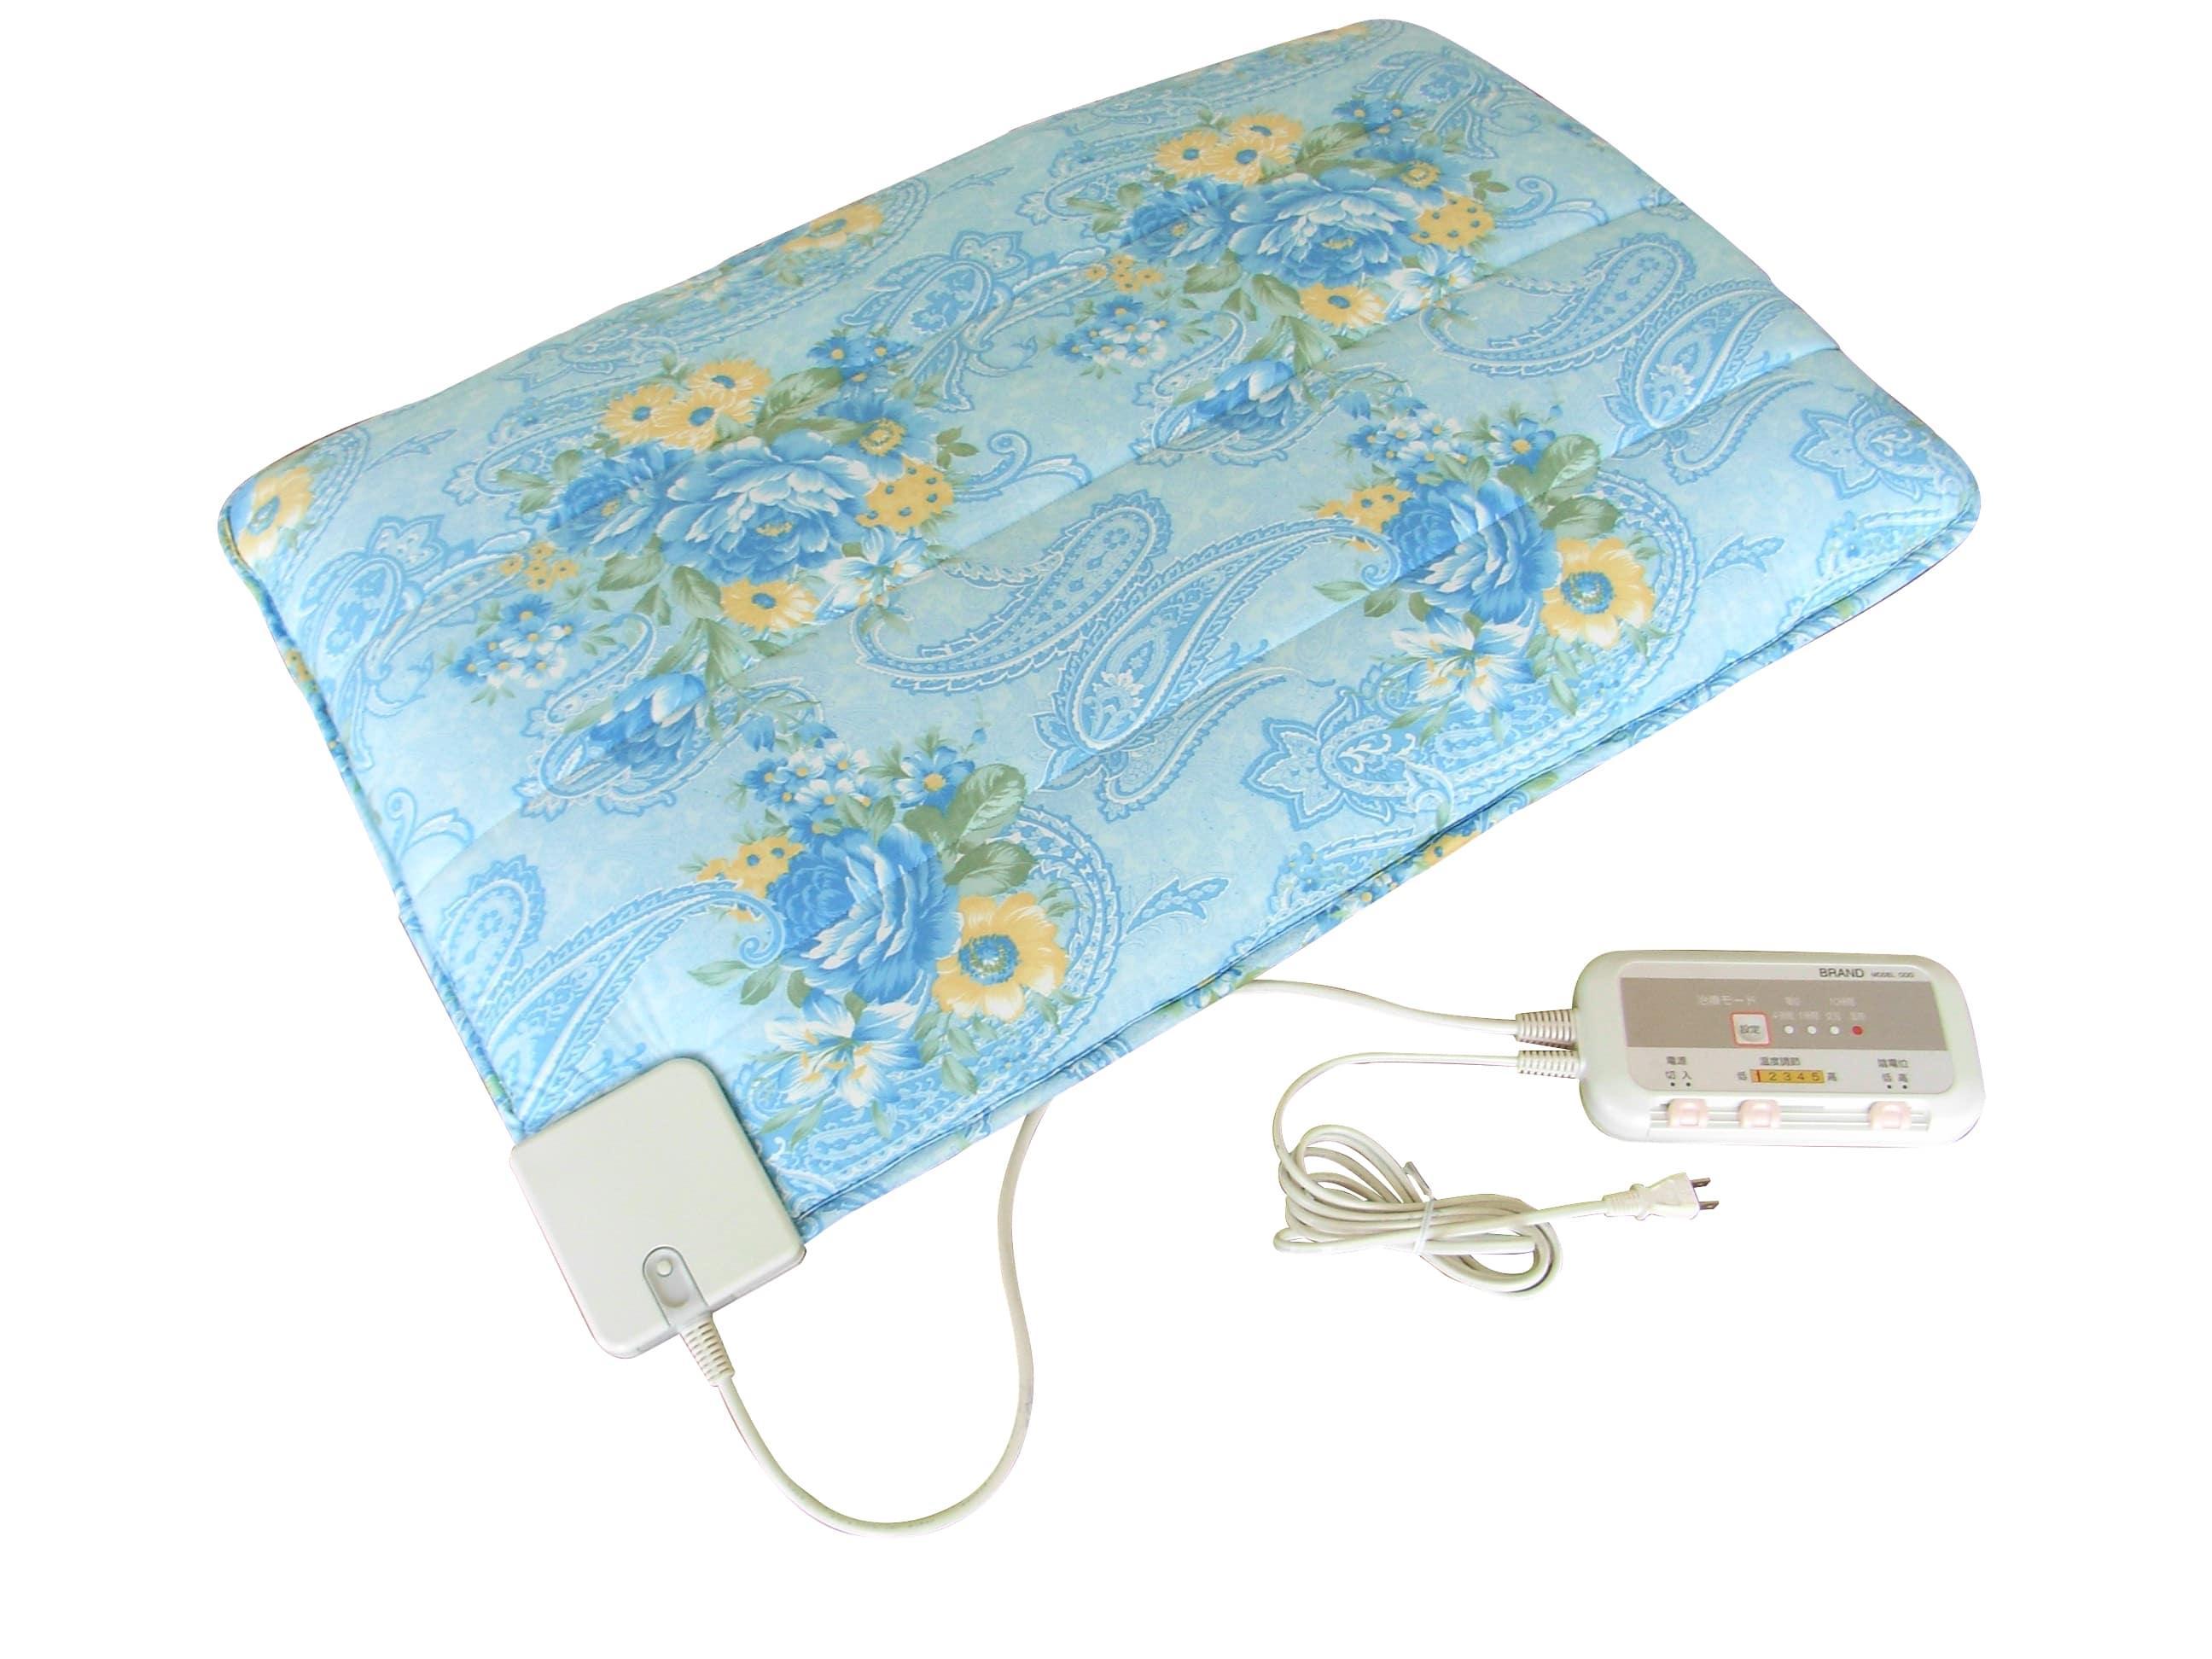 家庭用温熱治療器例|医療機器の製品化、申請・製造、OEM